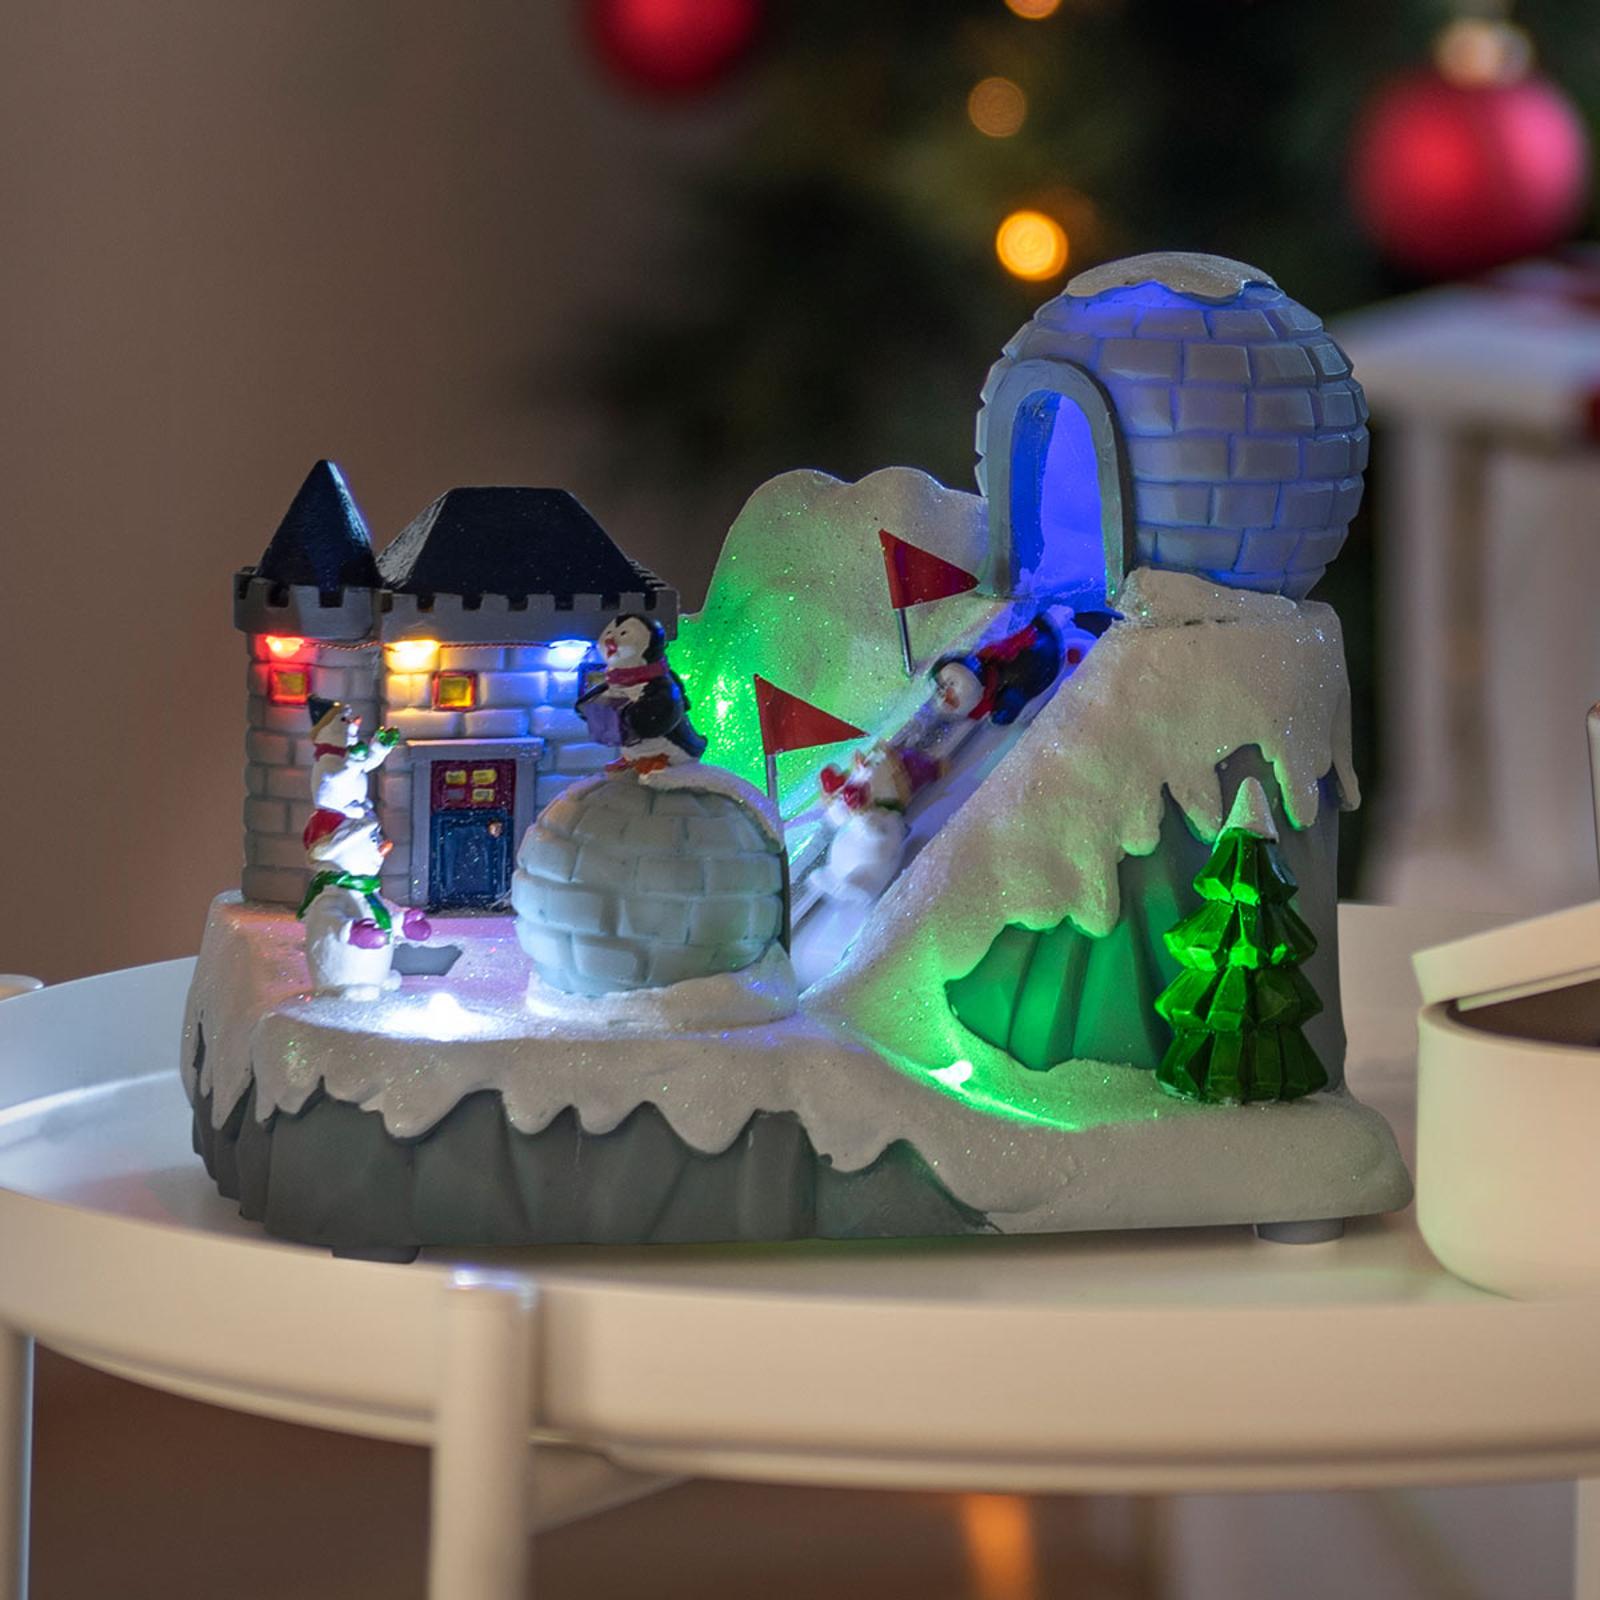 Lampe décorative LED Piste de ski avec musique